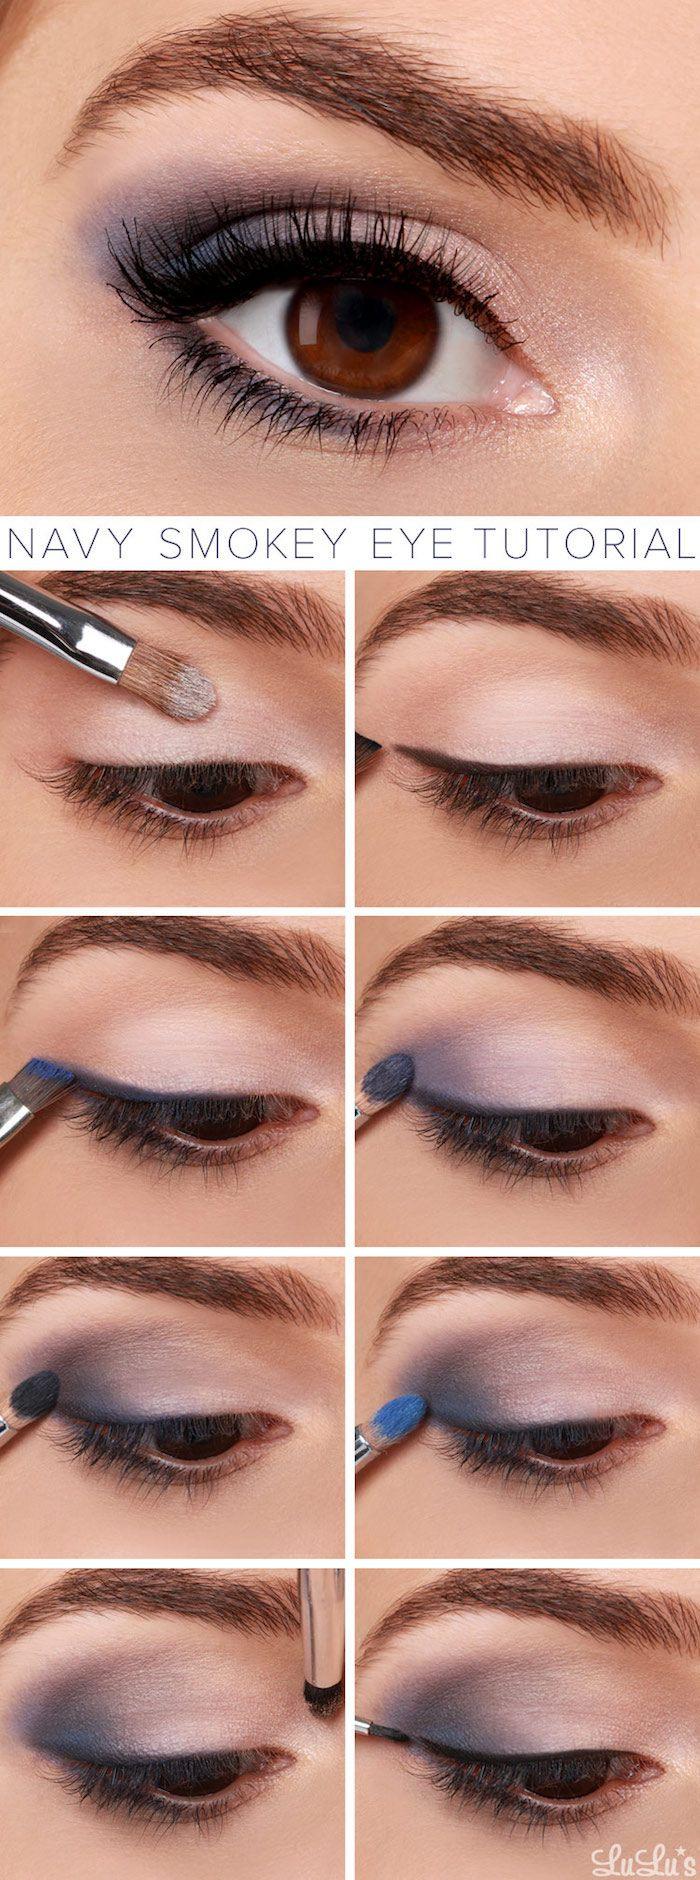 Großartig Abend Make Up Blaues Kleid VertriebDesigner Wunderbar Abend Make Up Blaues Kleid Boutique